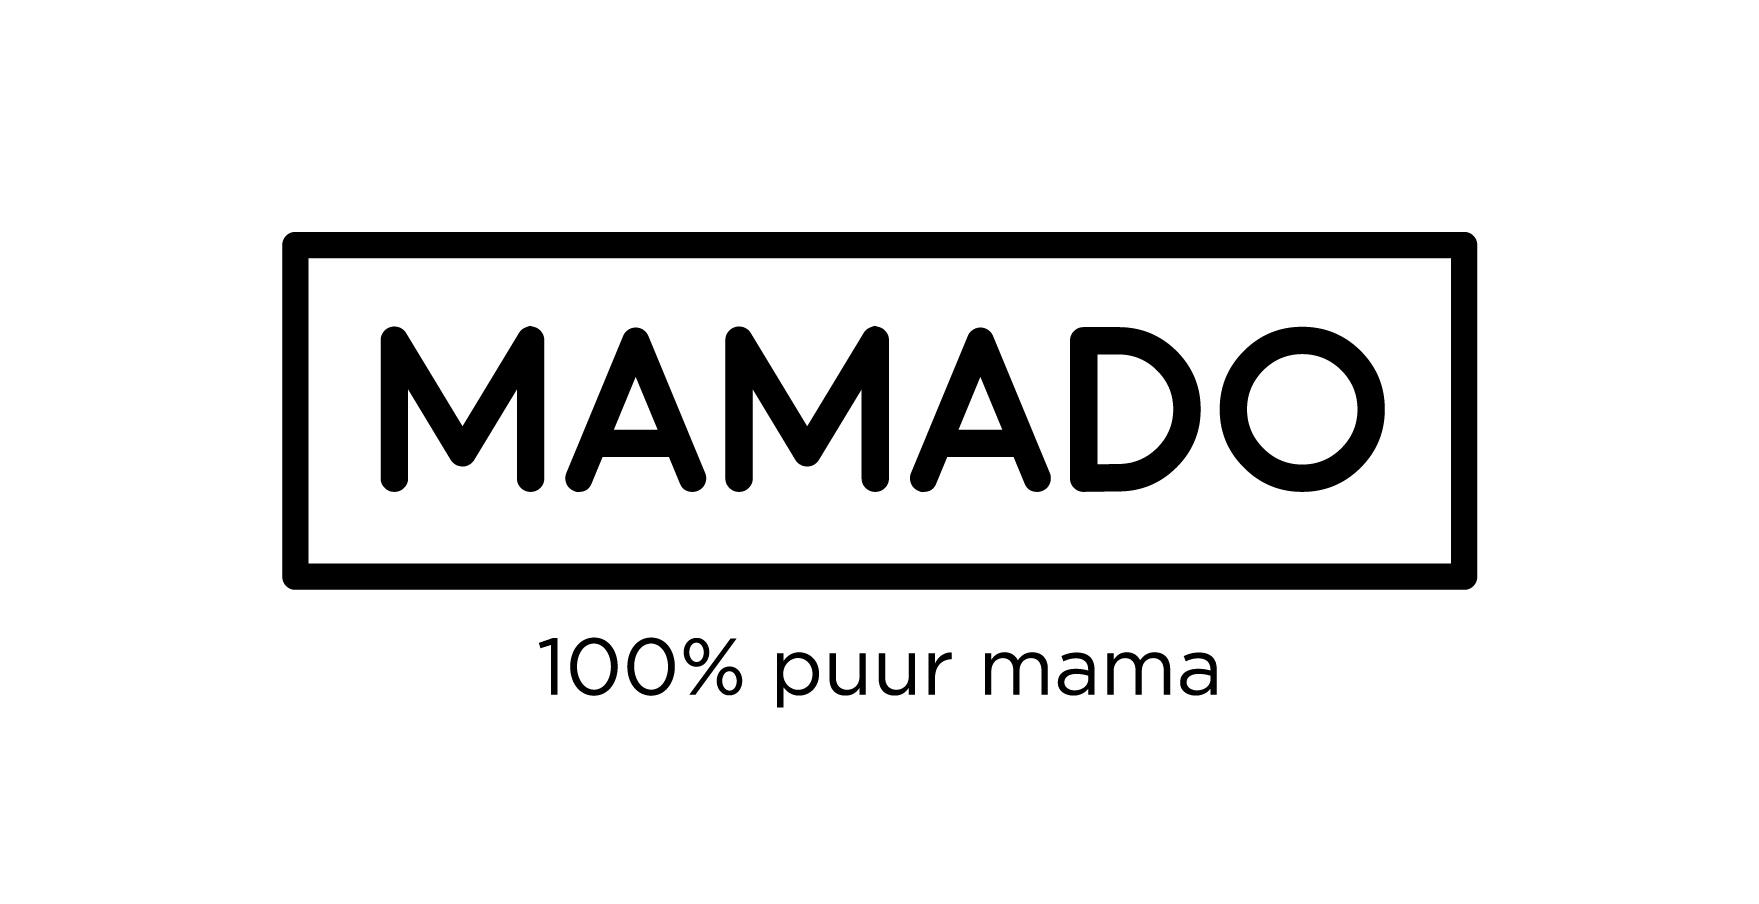 MAMADO